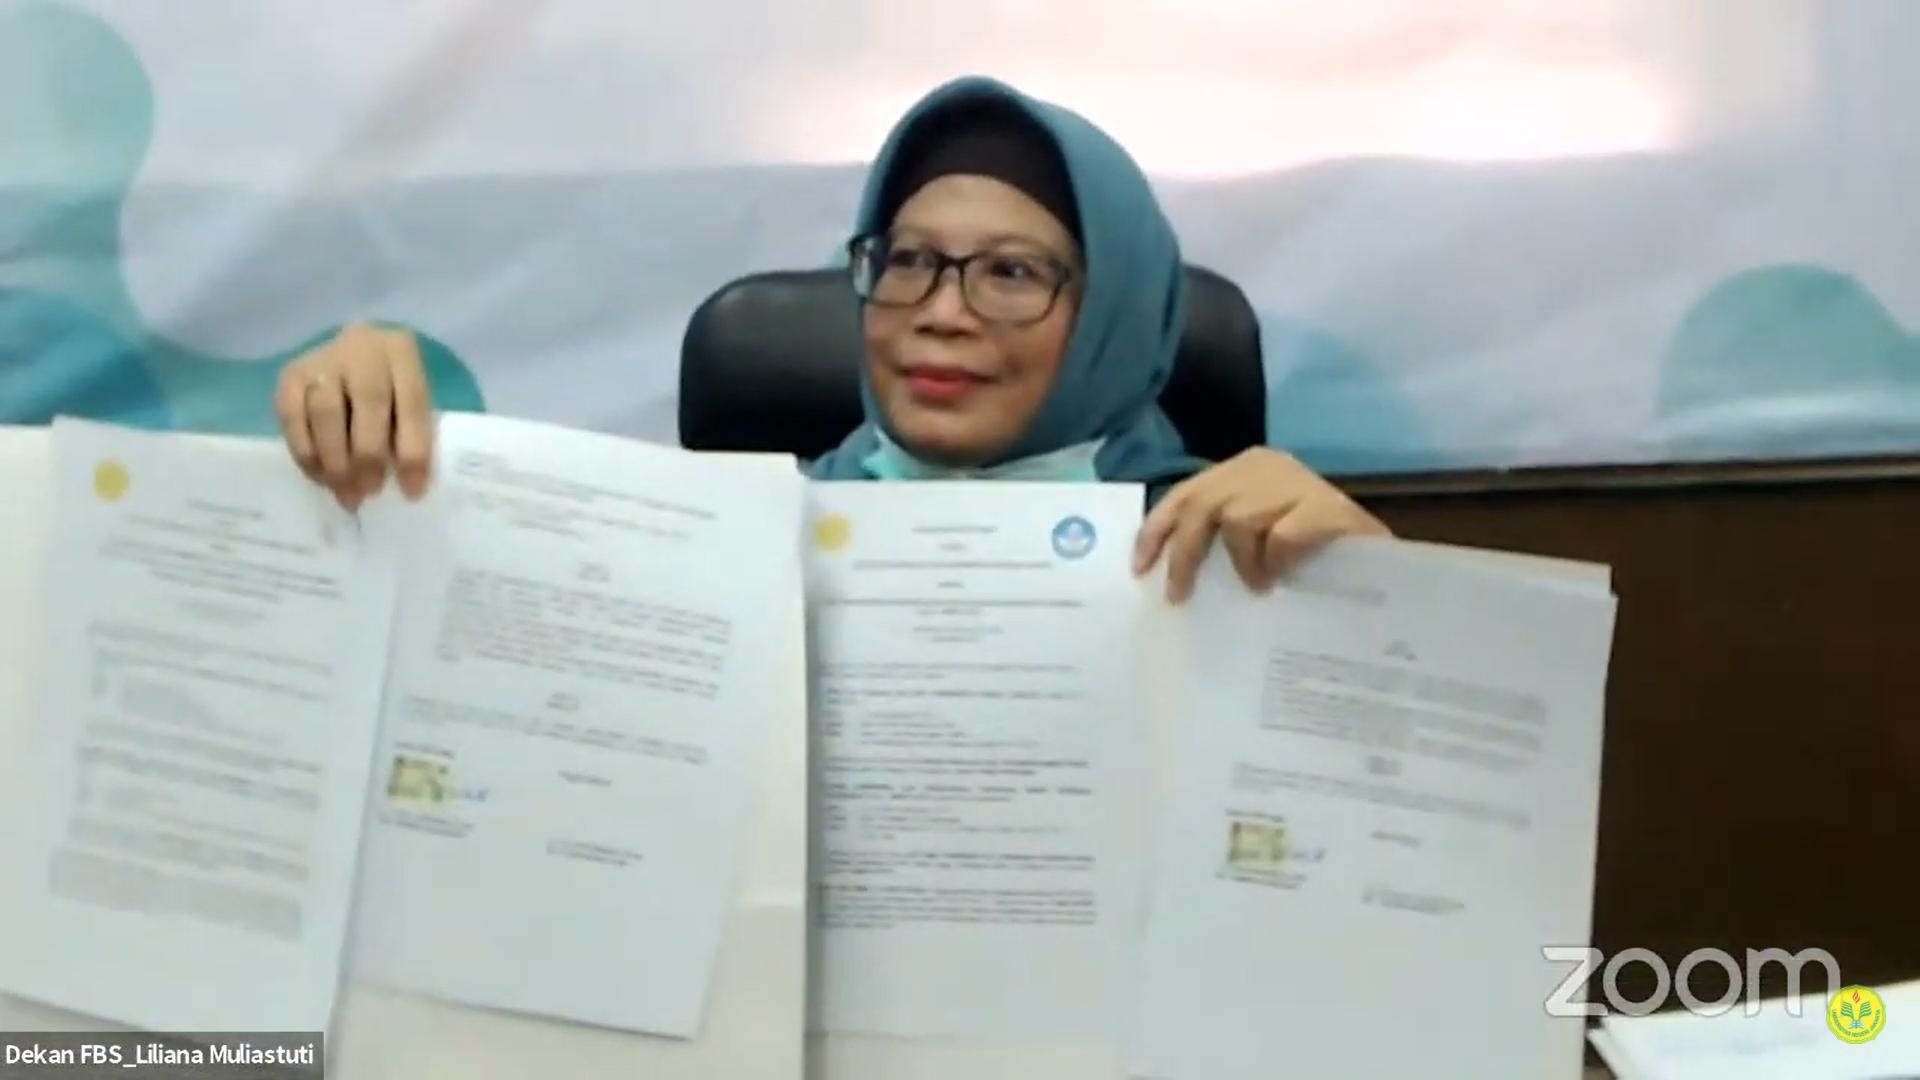 SEMINAR DARING BULAN BAHASA: PENGAJARAN BAHASA DAN SENI  BUDAYA INDONESIA DI LIMA BENUA